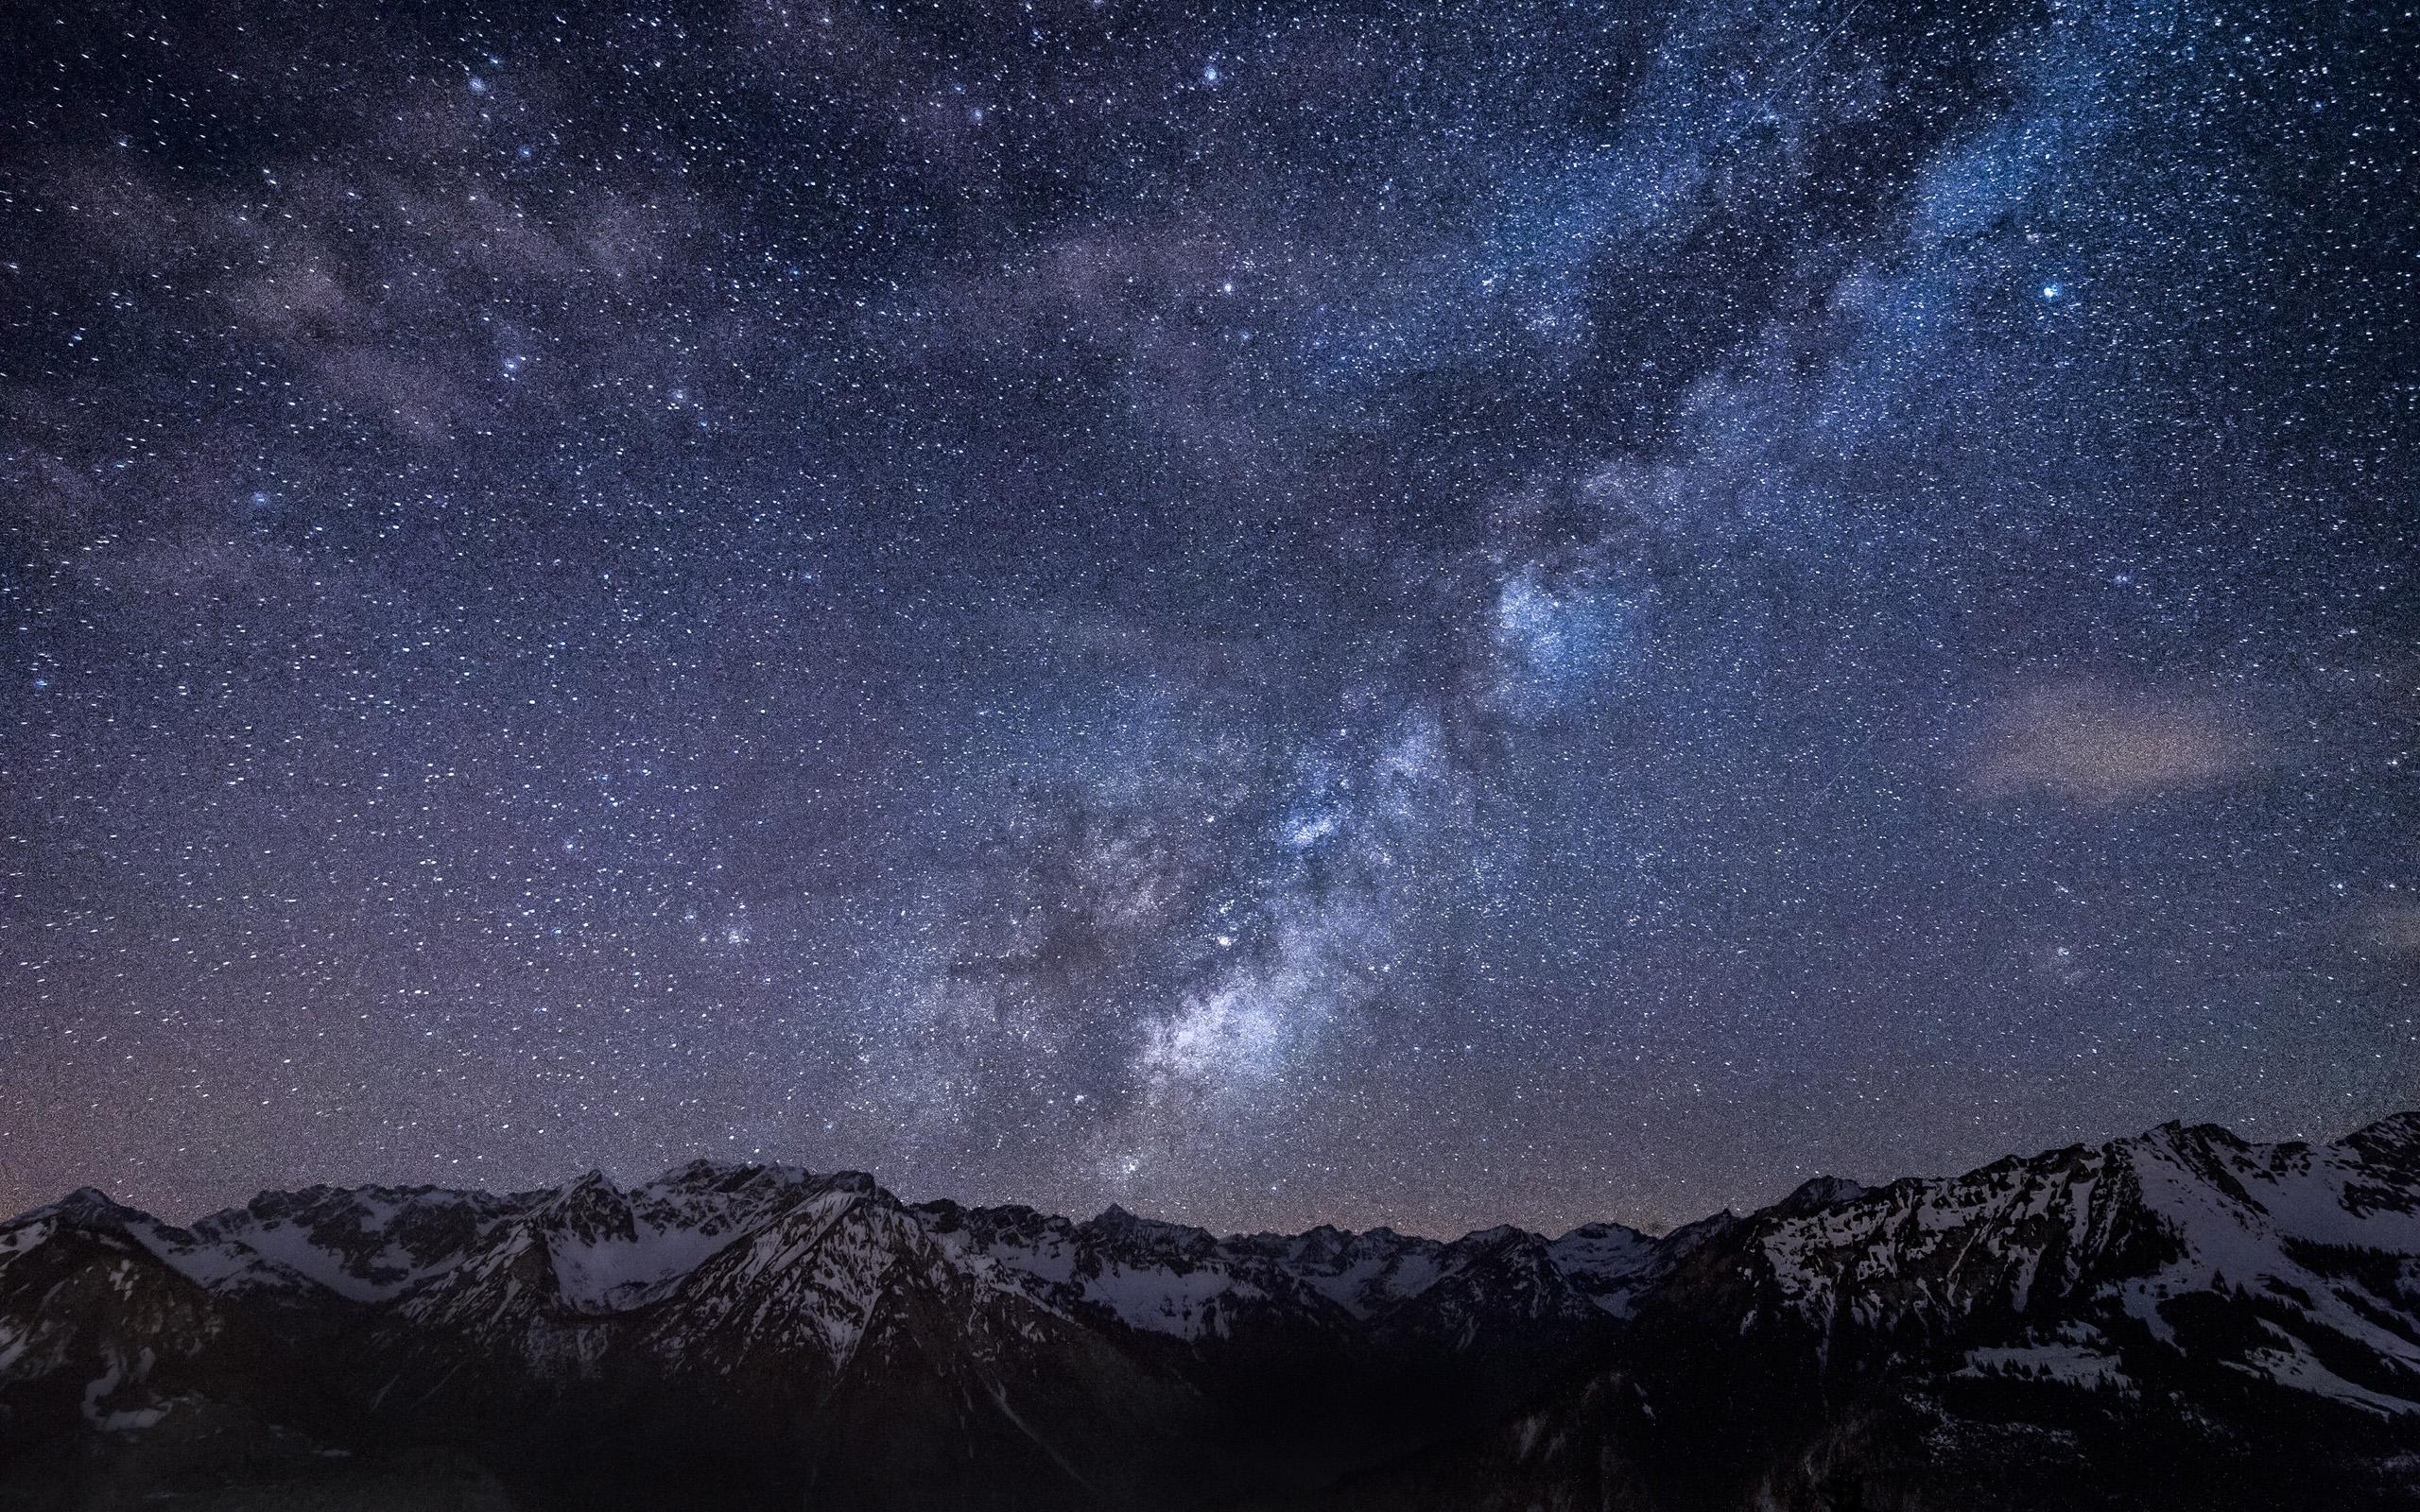 Млечный путь, галактика, обои рабочего стола телефон космос, 2560 на 1600 пикселей